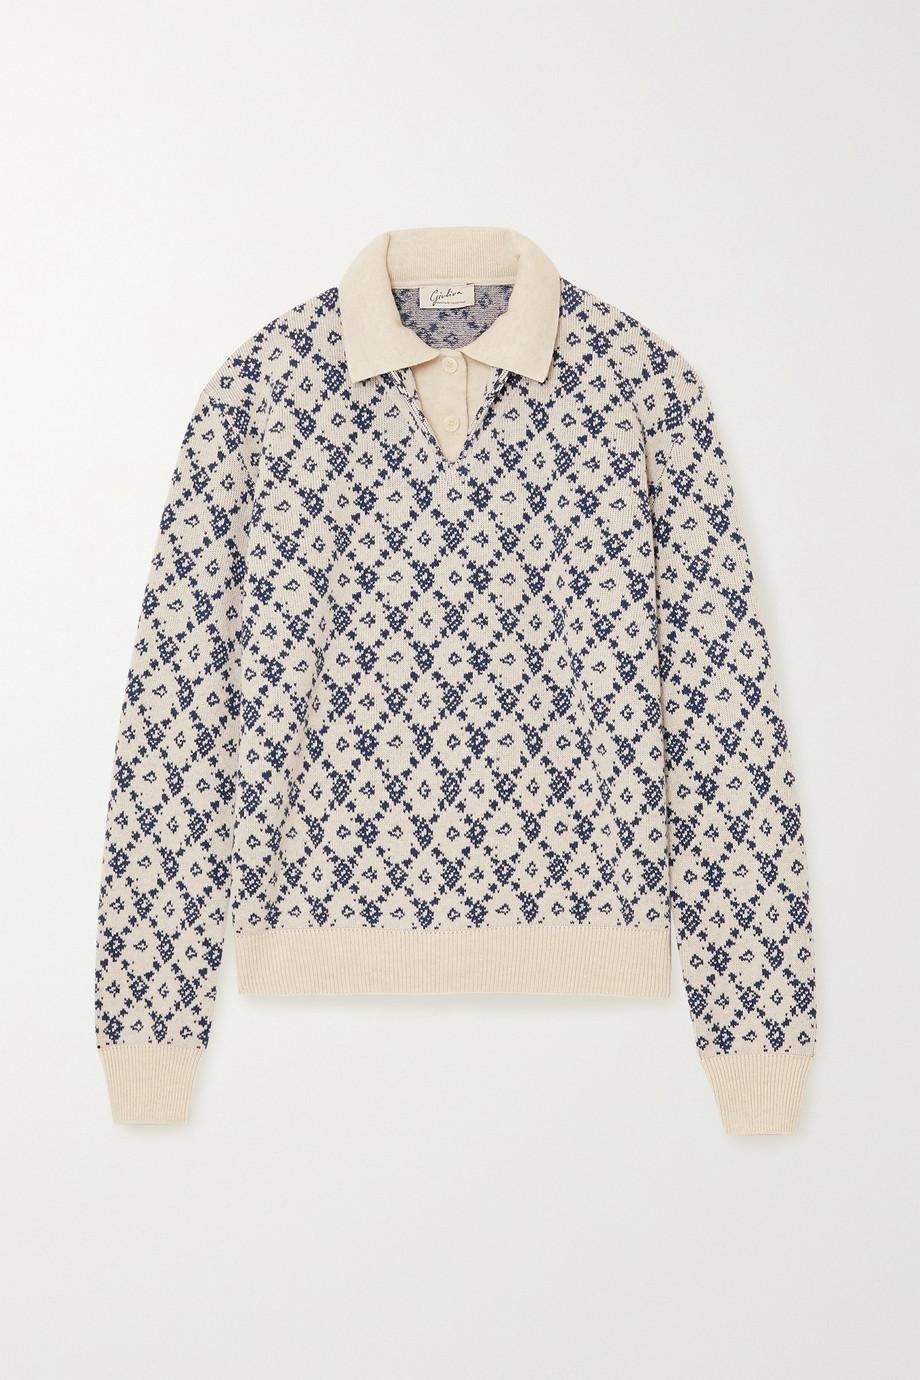 Giuliva Heritage + NET SUSTAIN Astrid Pullover aus einer Woll-Kaschmirmischung mit Intarsienmuster